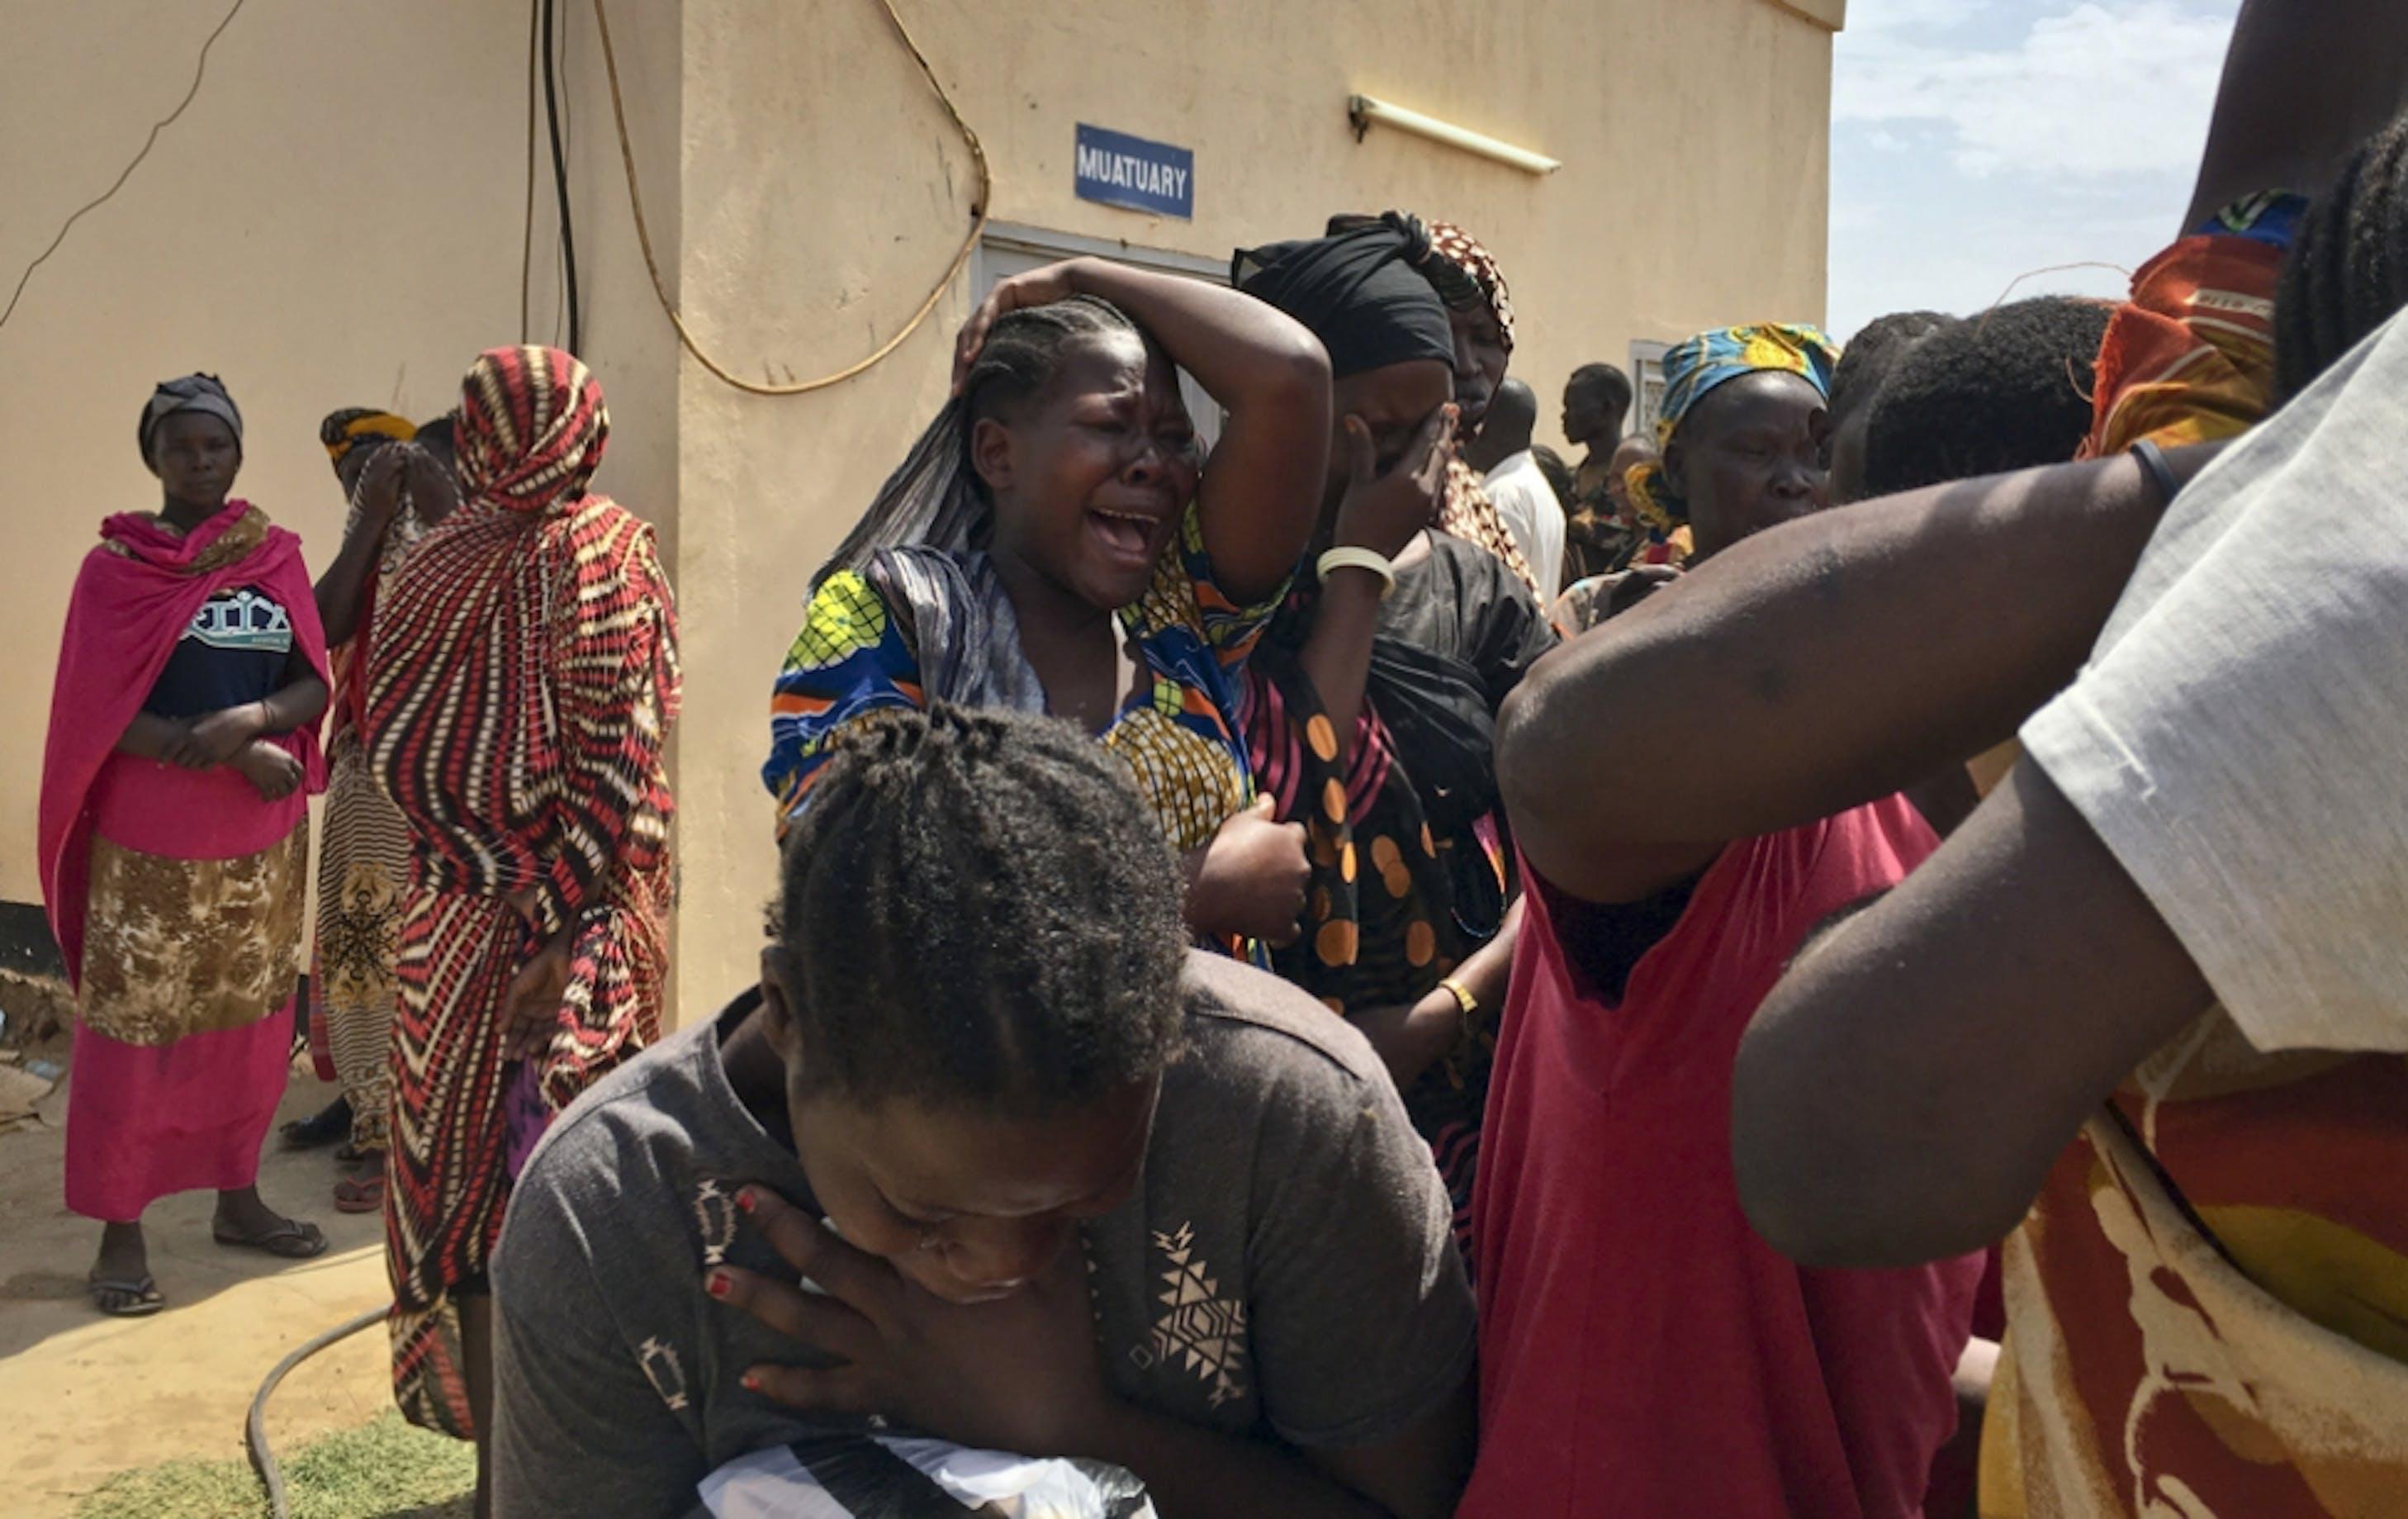 Il dolore dei familiari degli operatori umanitari assassinati all'esterno della camera mortuaria a Juba (Sud Sudan) - ©AP